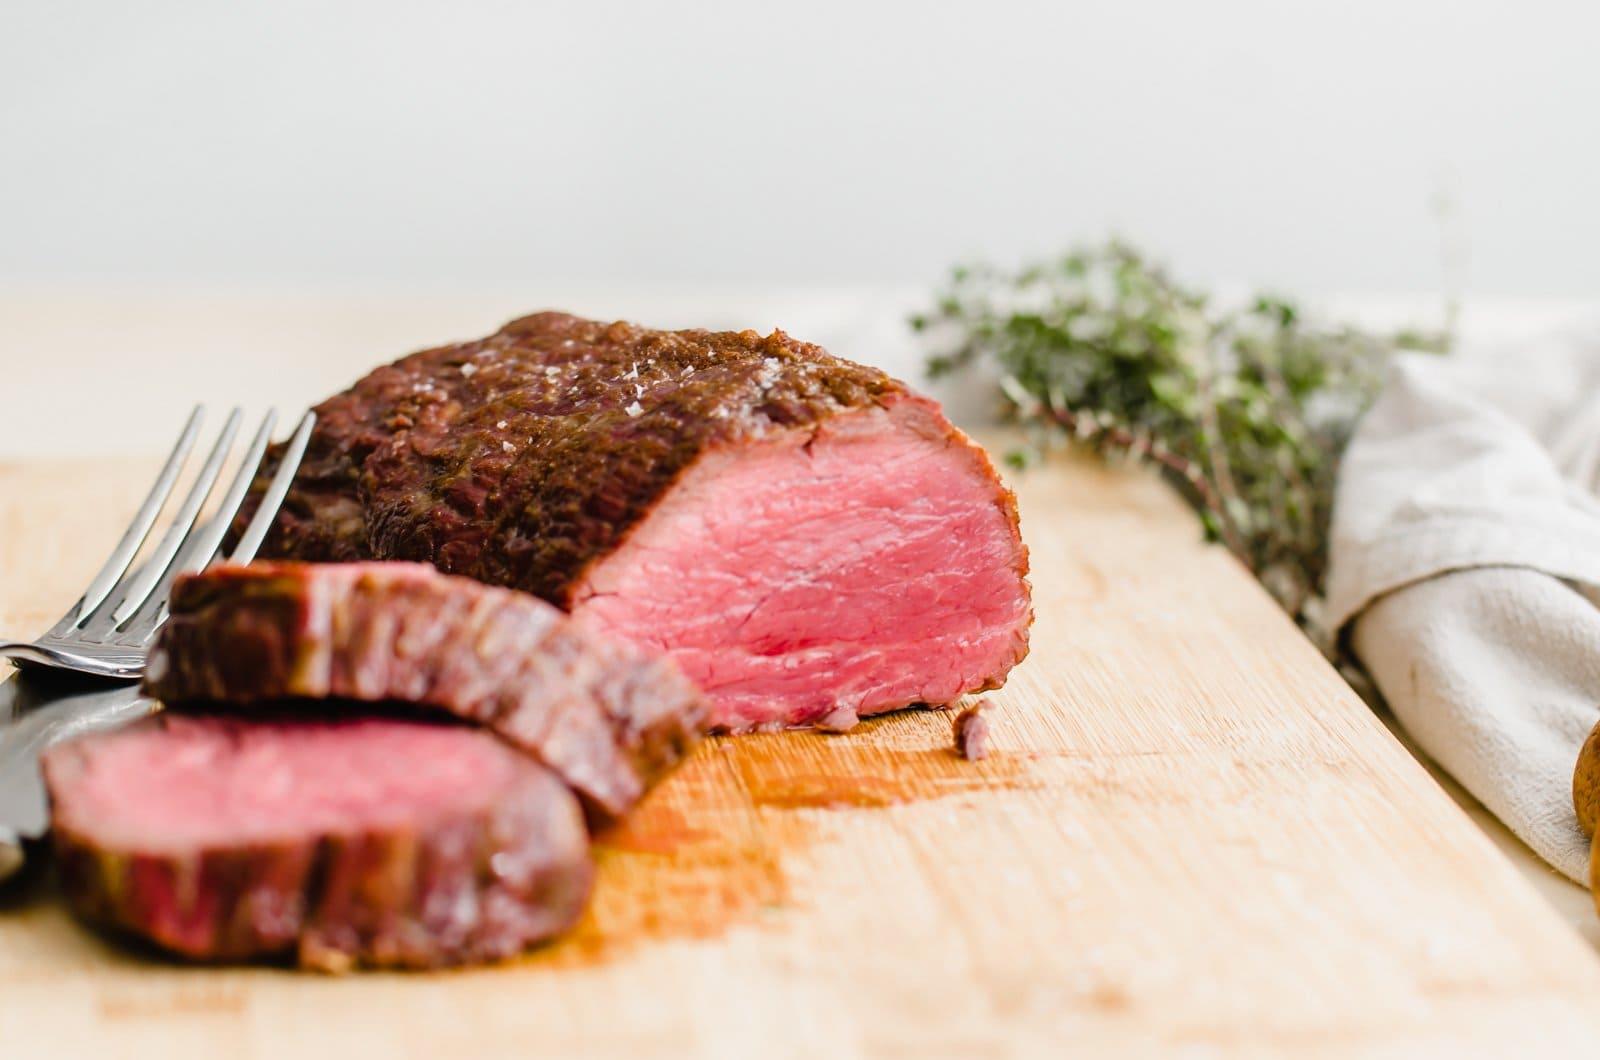 A close up shot of beef tenderloin being sliced.